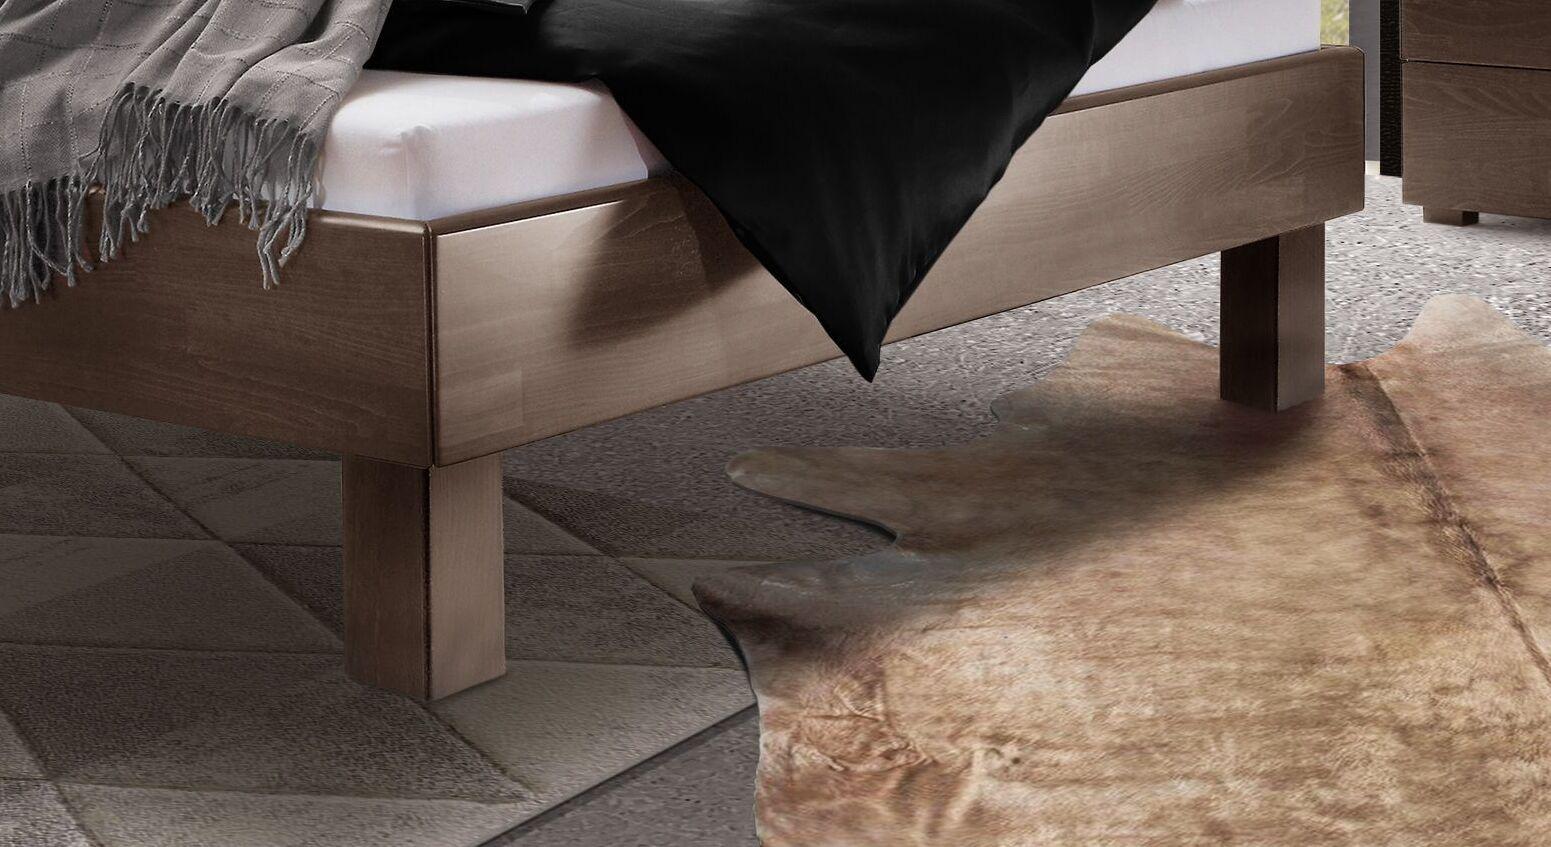 Bett Cannelino mit wengefarbenen Blockfüßen